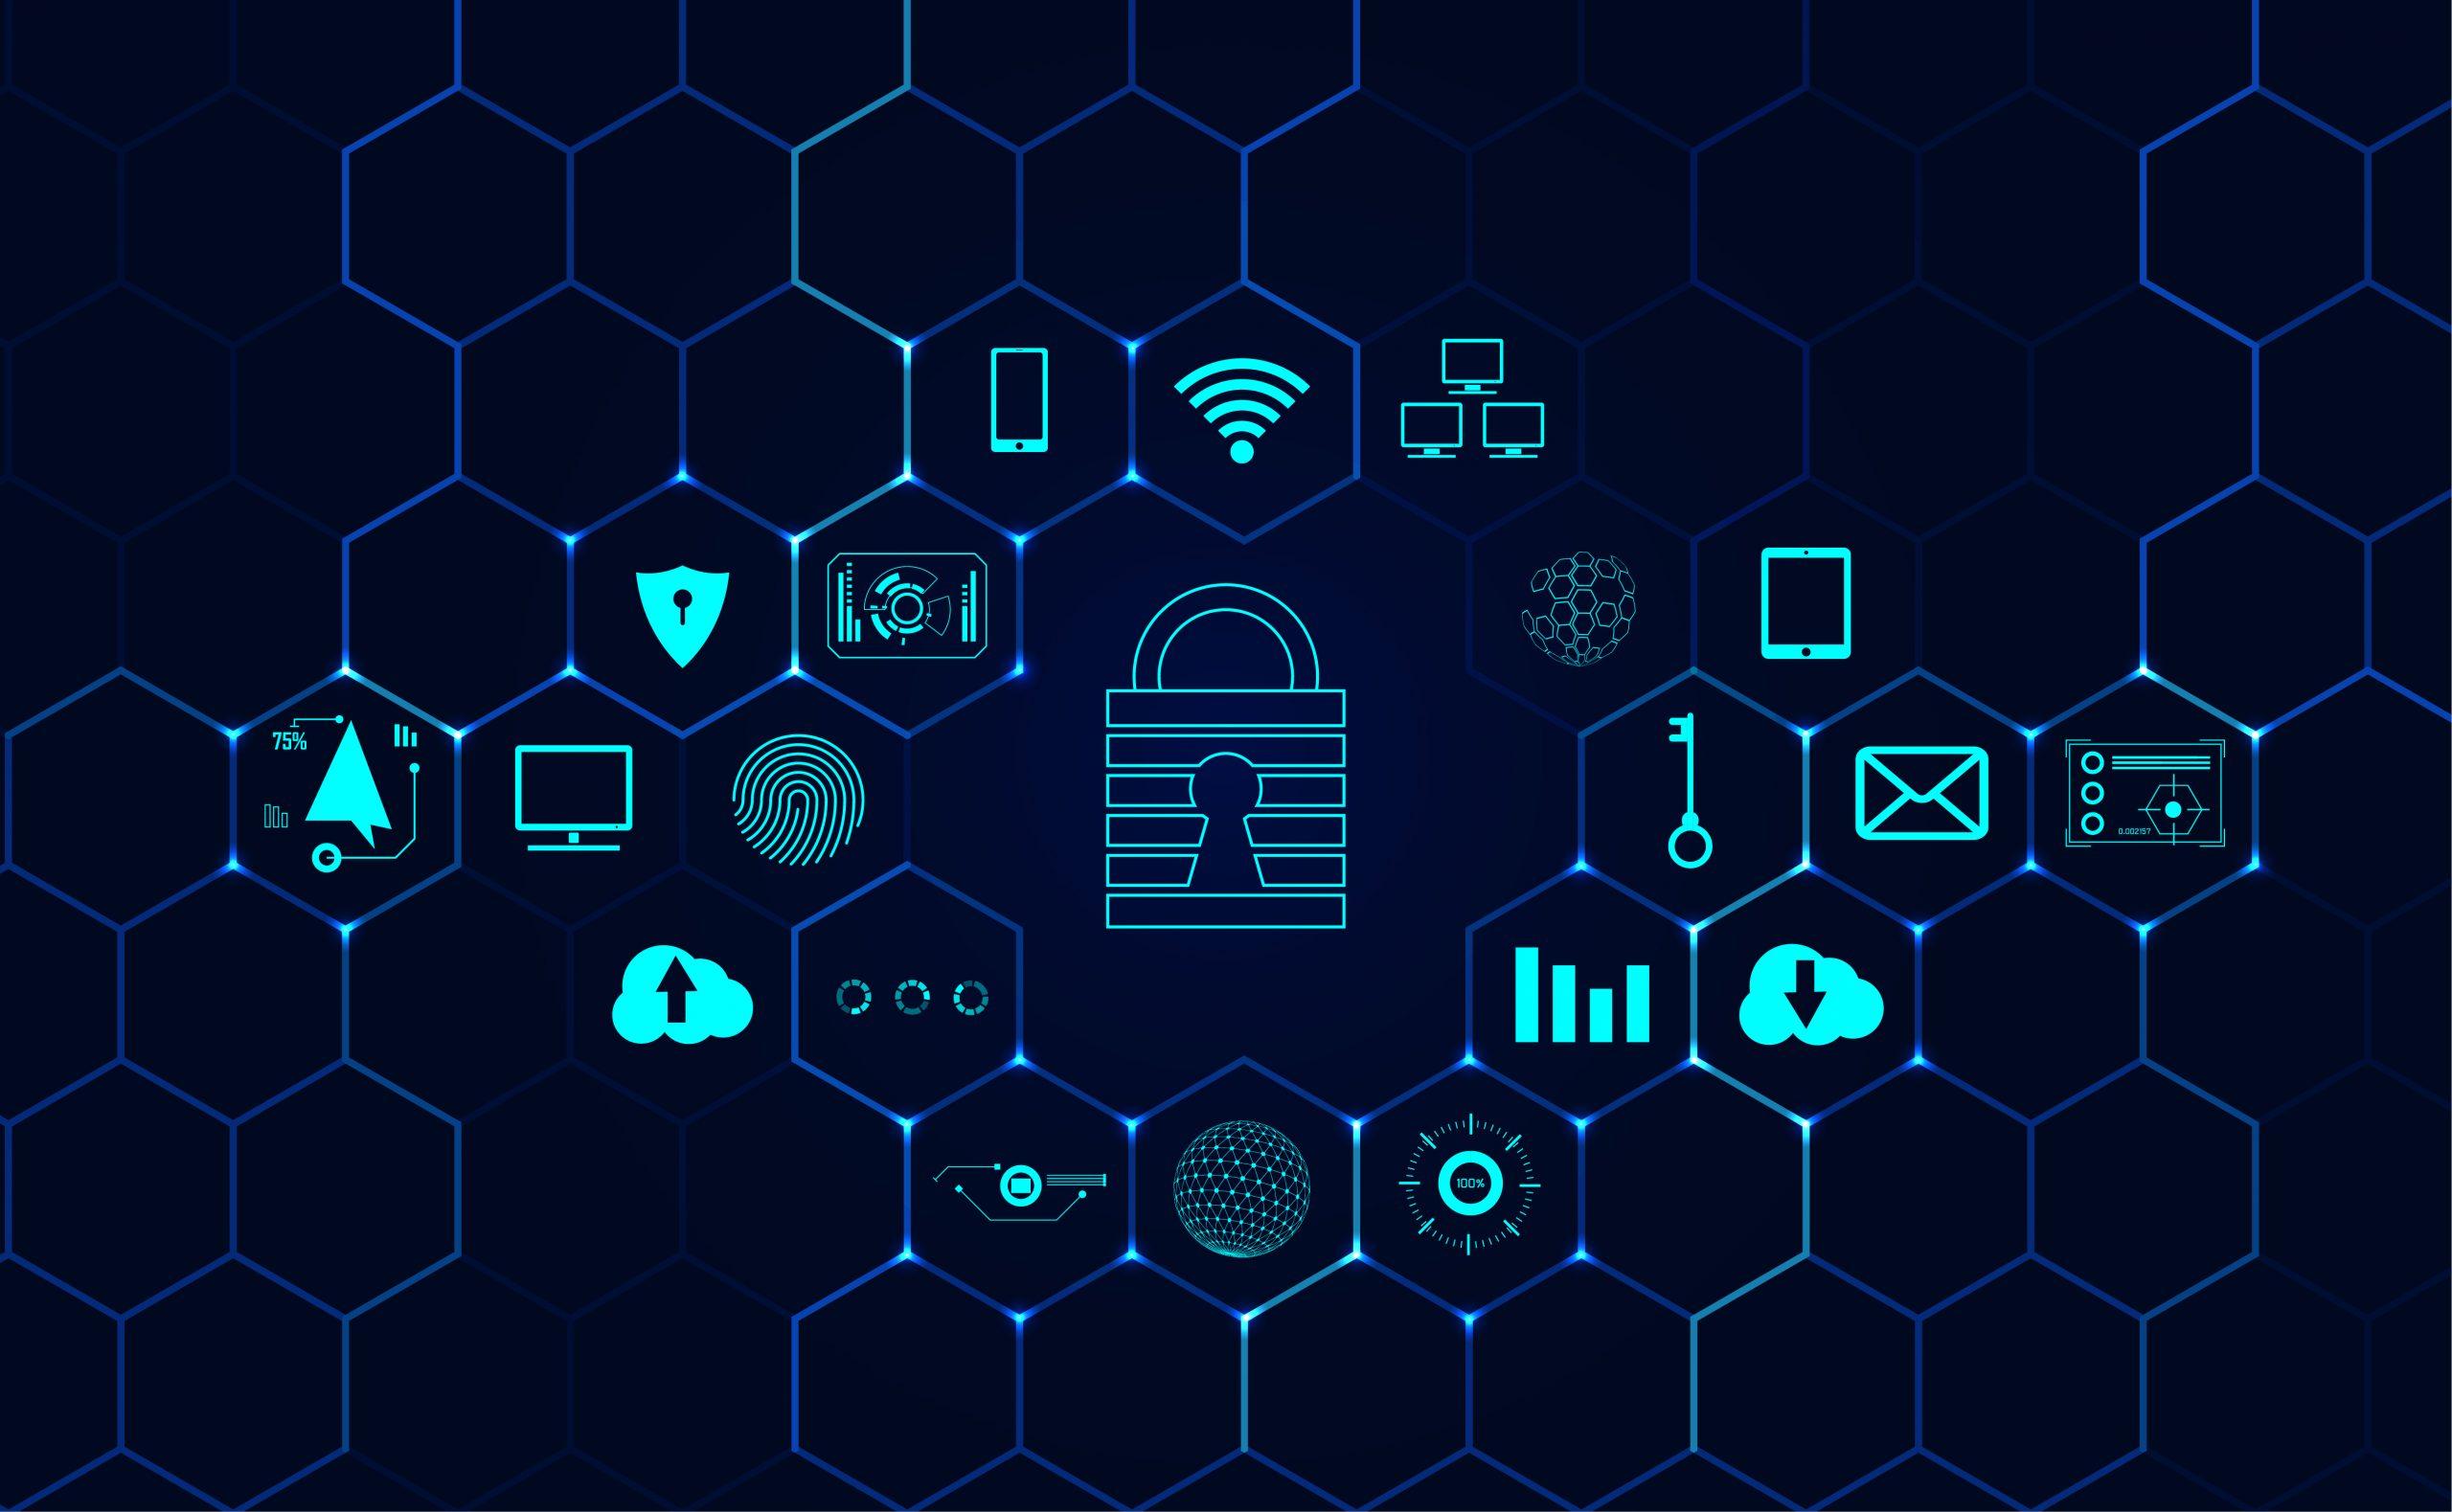 Tecnologías empresariales: Conoce estas 5 tendencias